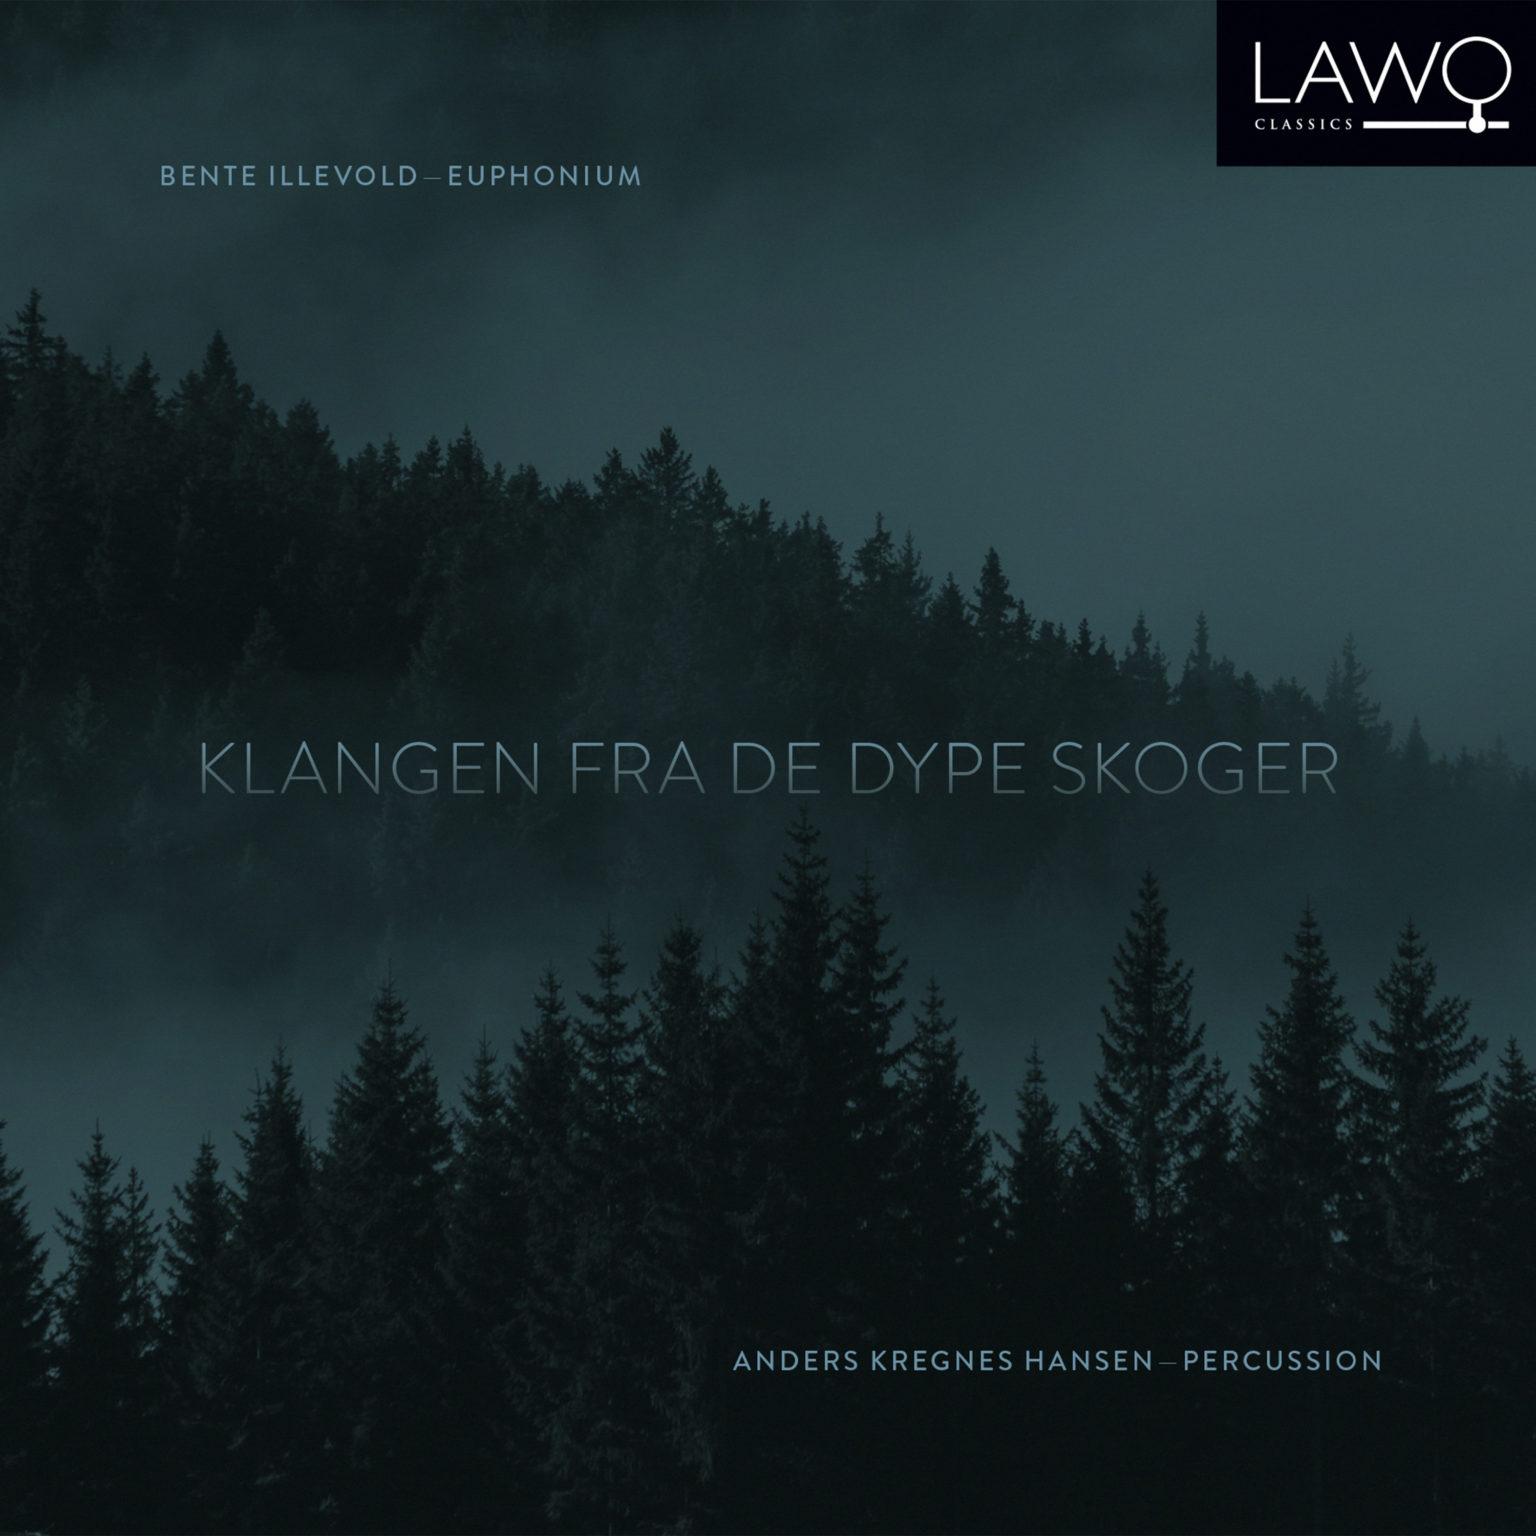 Click image for larger version.  Name:LWC1195_Bente_Illevold_Klangen_fra_de_dype_skoger_cover_3000x3000px-1536x1536.jpg Views:209 Size:174.8 KB ID:7720